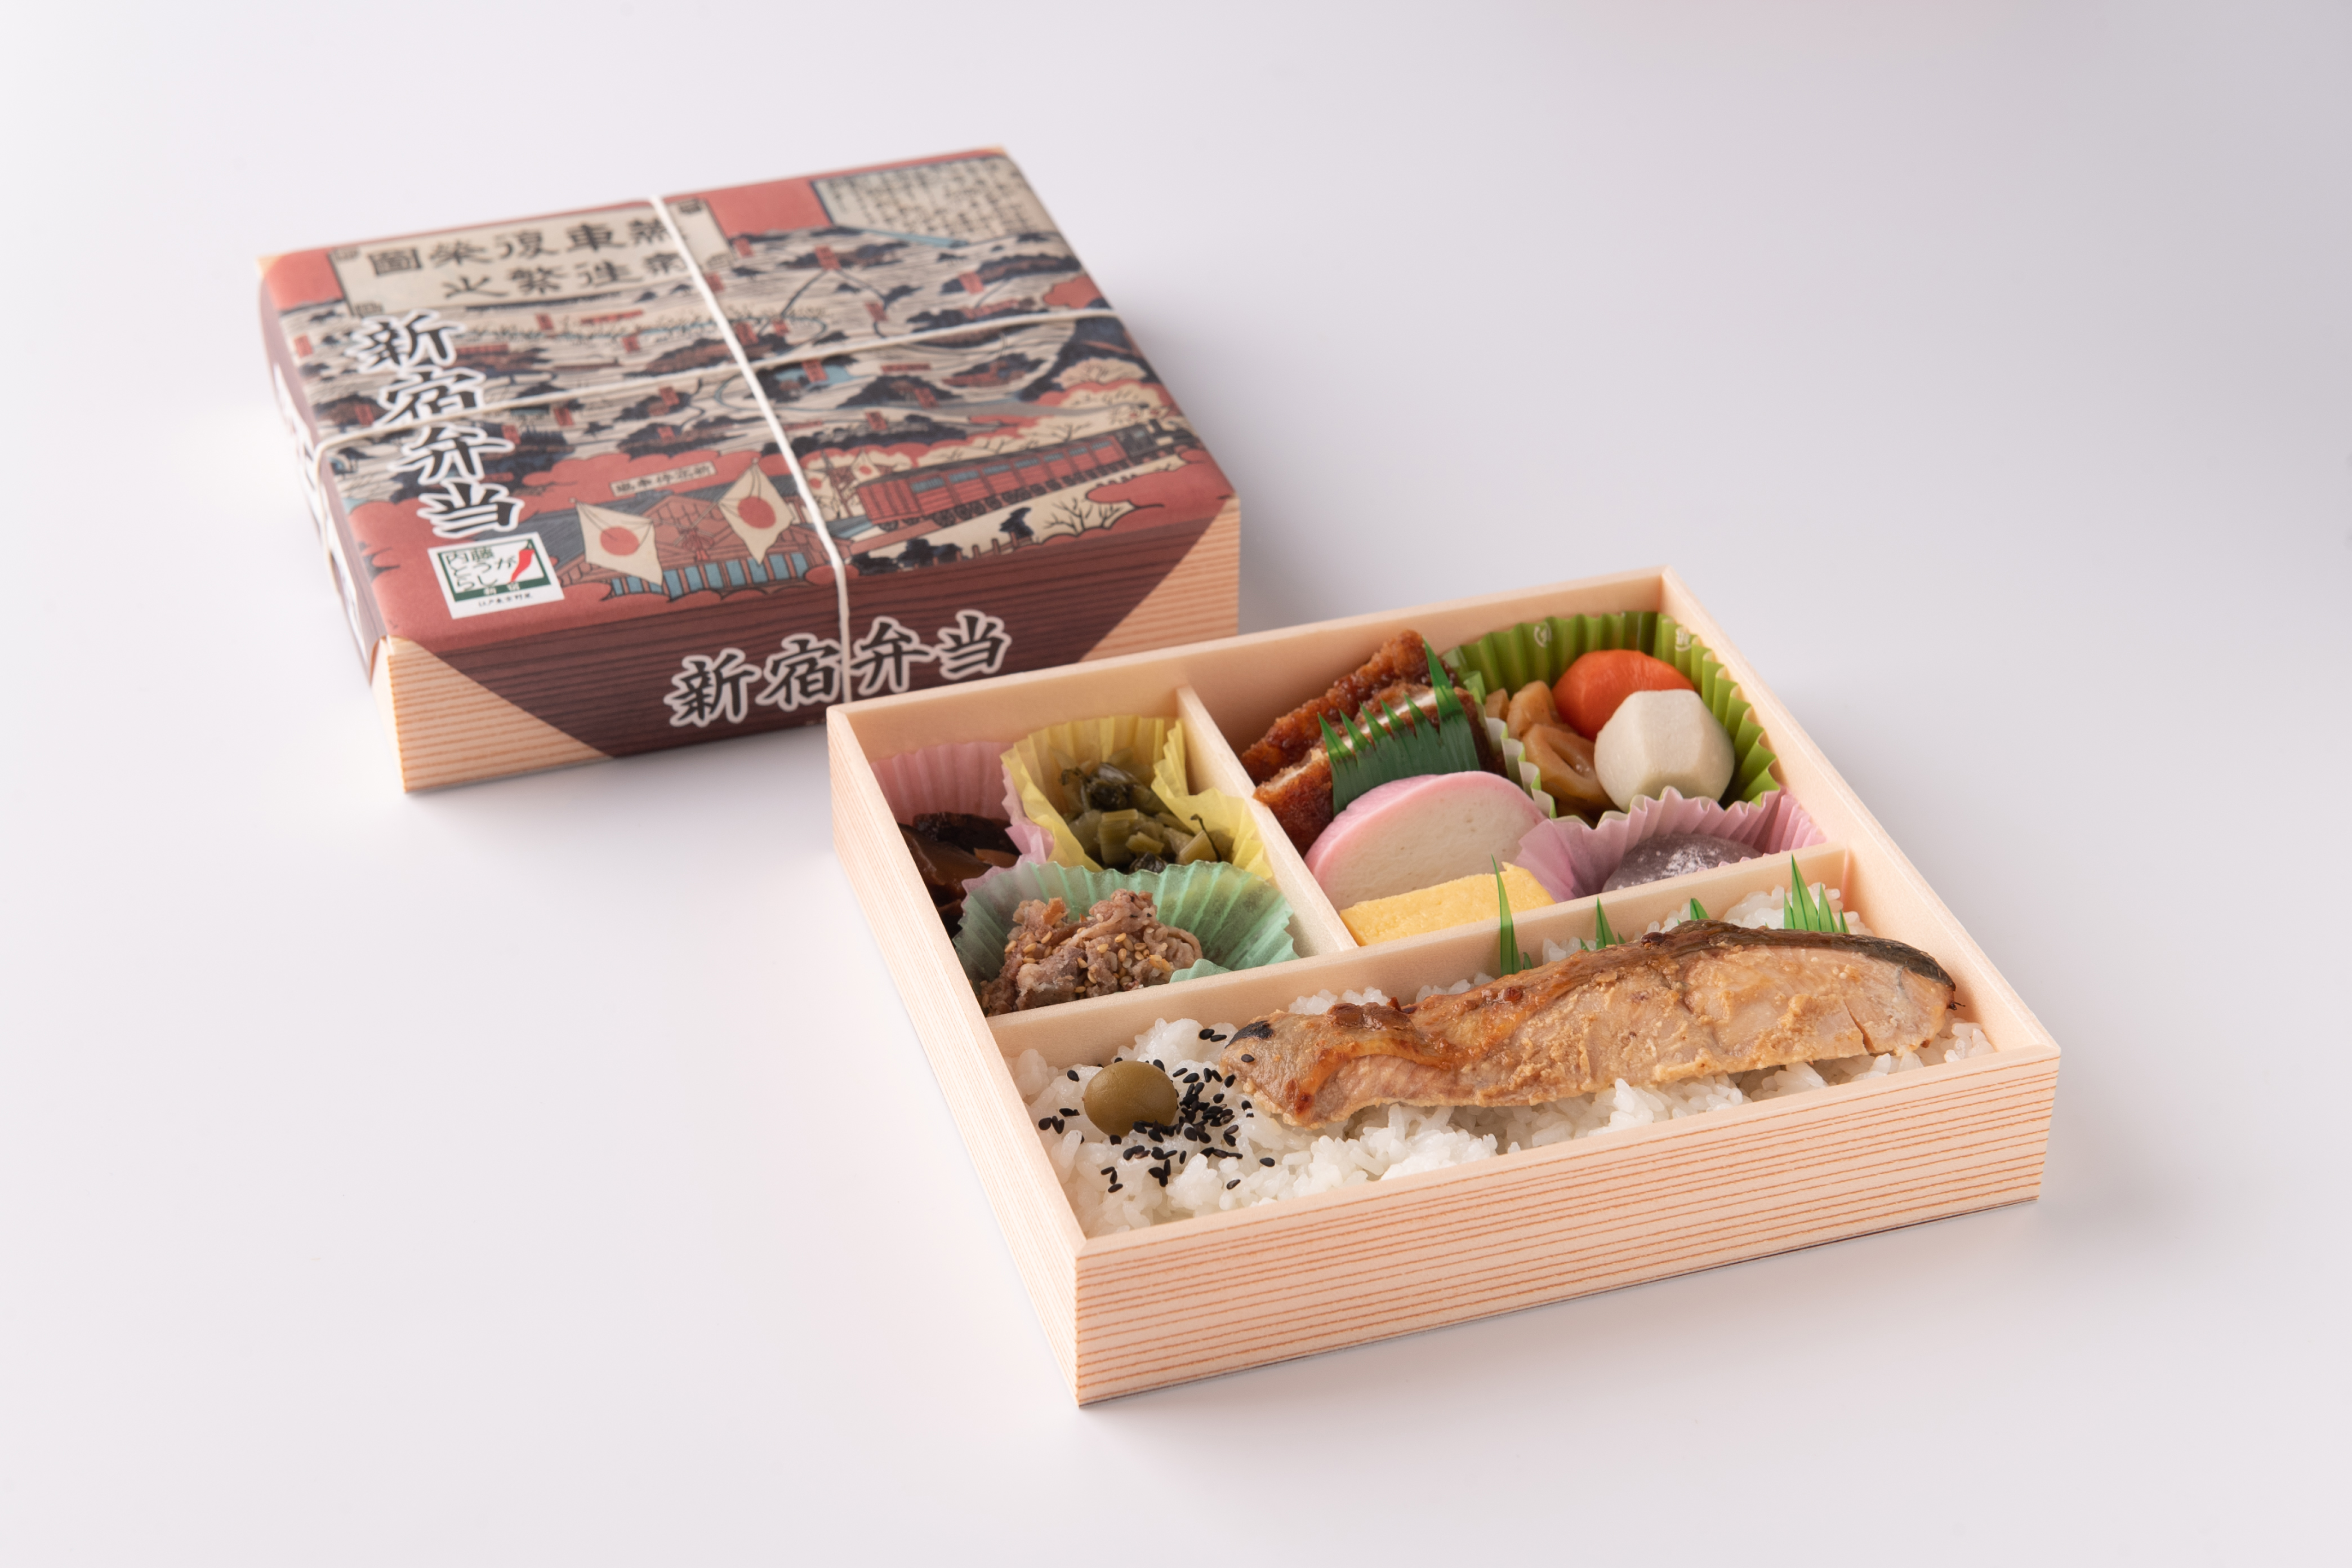 新宿弁当(¥1,200税込)